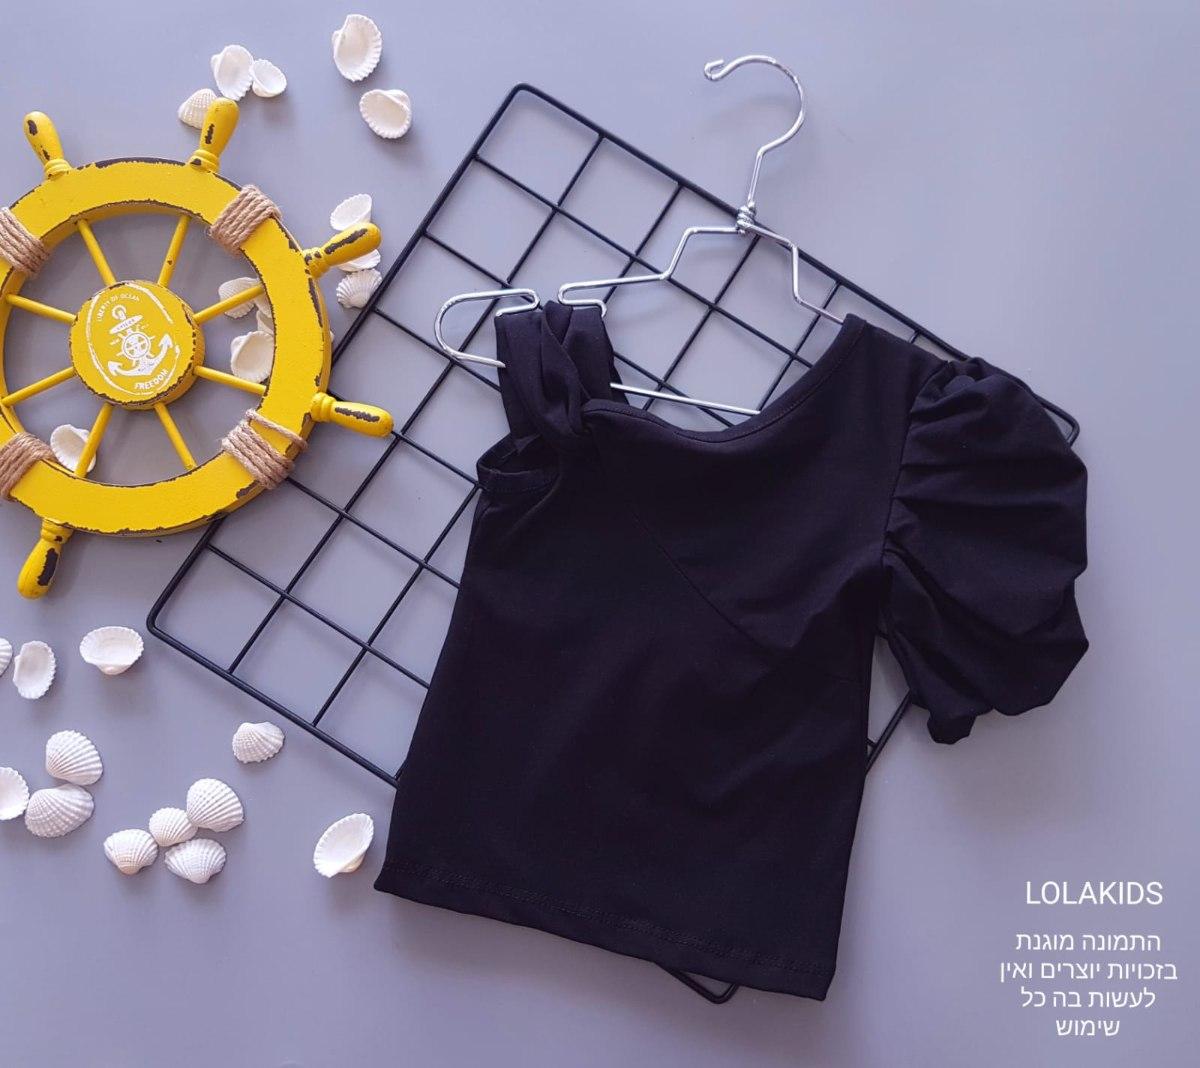 חולצת לייקרה מעוצבת דגם 9626